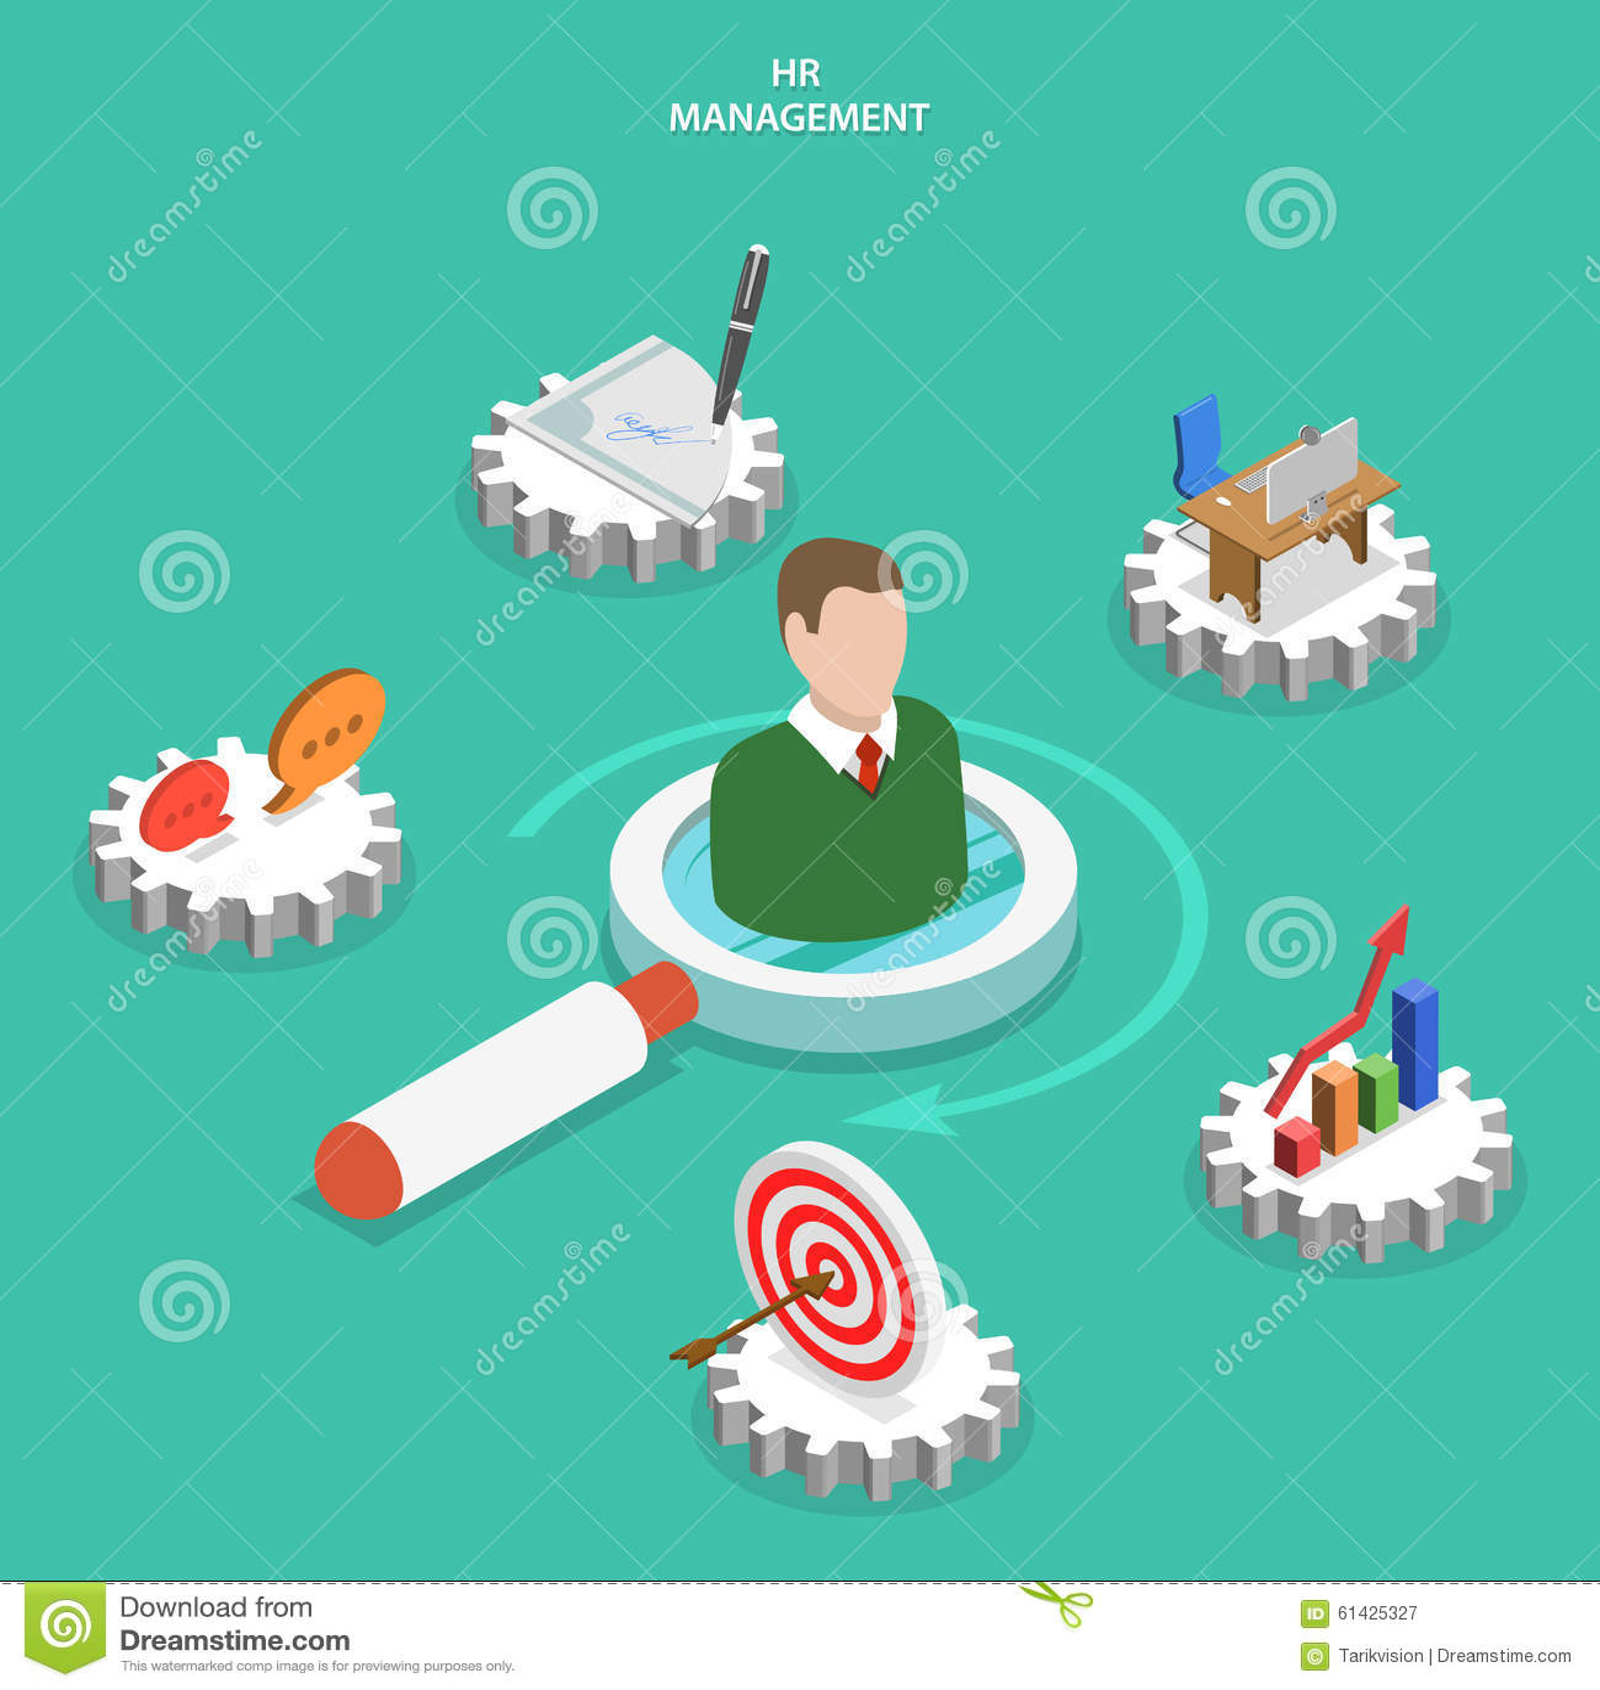 management concepts pdf free download